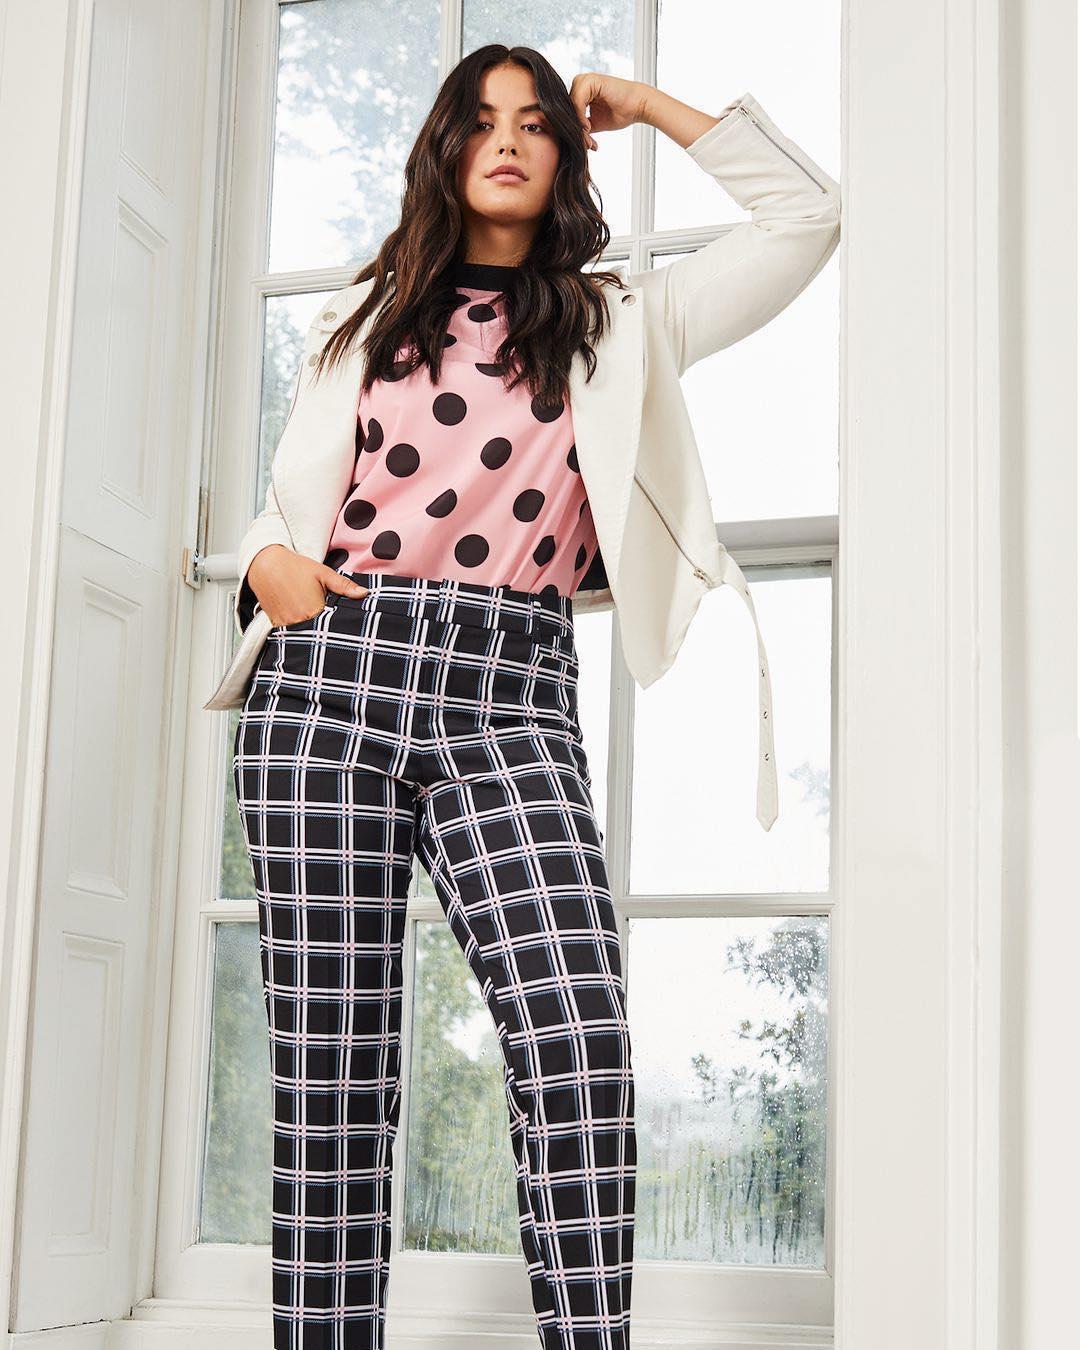 20 интернет-магазинов, где продают стильную одежду для полных (часть I)